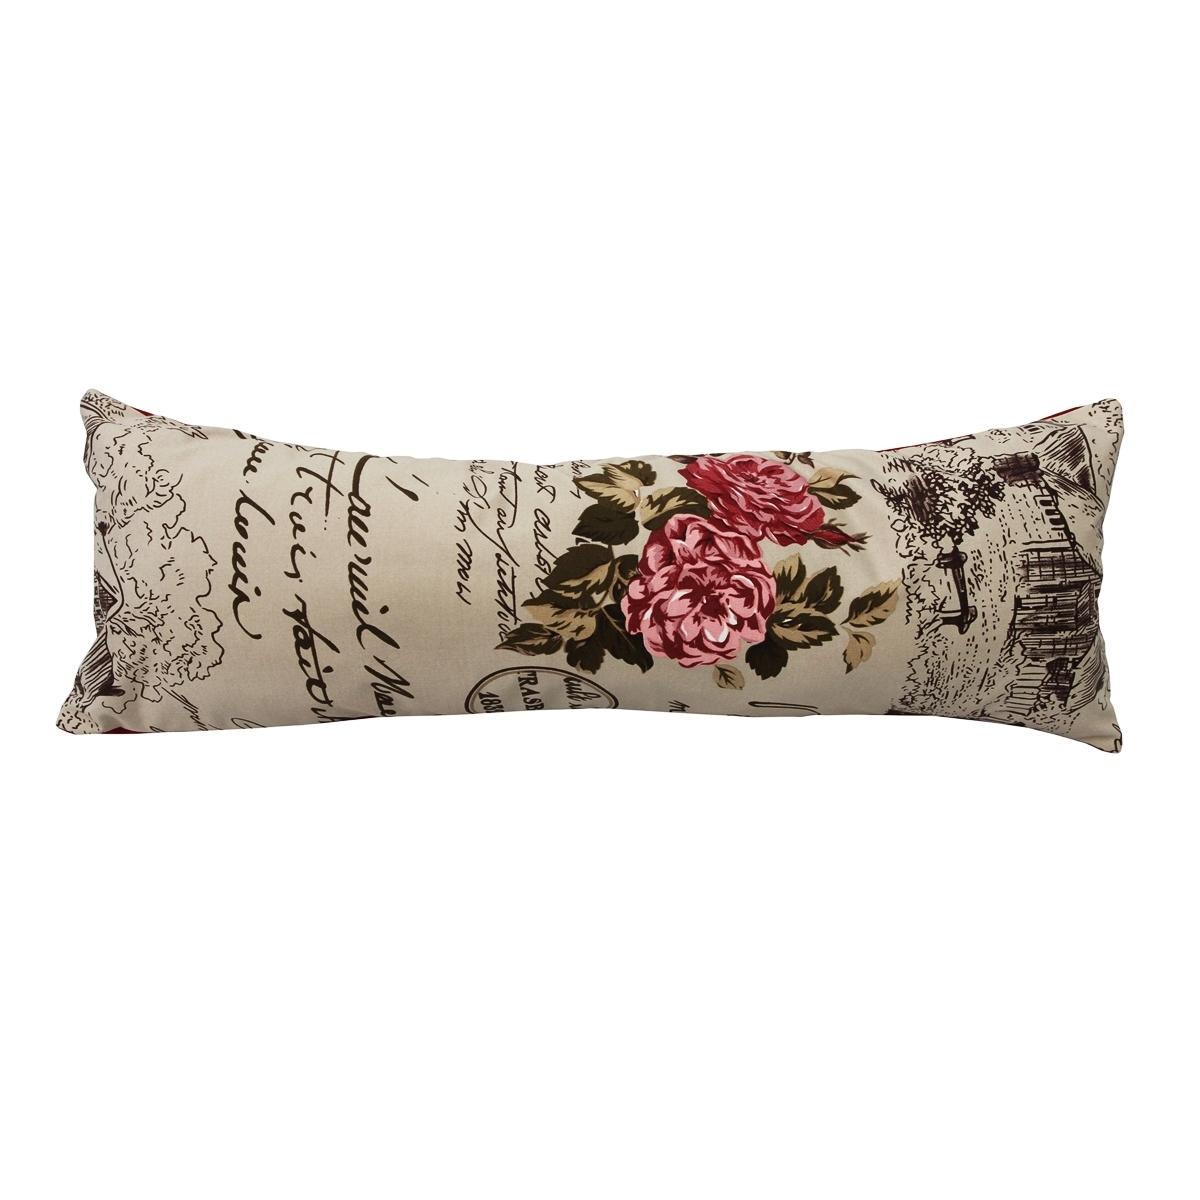 Подушка прямоугольная  (2шт)Прямоугольные подушки<br>Декоративная подушка станет ярким акцентом в вашем интерьере. Высококачественный материал приятен и безопасен даже для самой чувствительной кожи.  Оригинальная подушка сделает пространство стильным и уютным.<br><br>Material: Текстиль<br>Length см: None<br>Width см: 70<br>Height см: 25